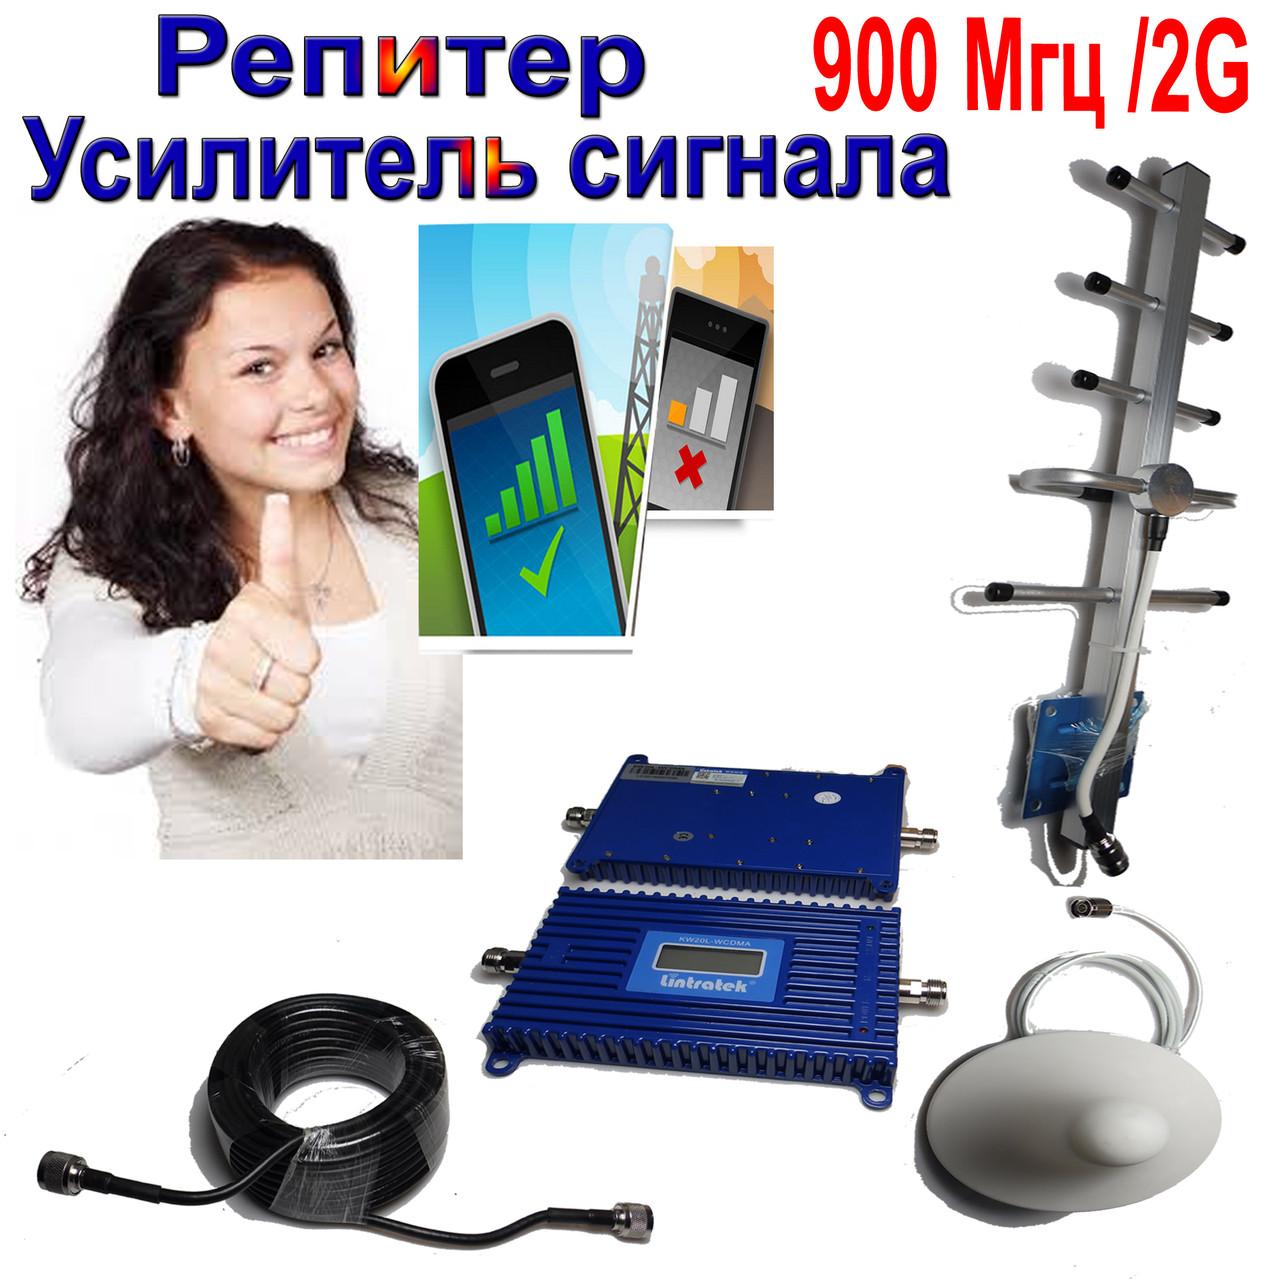 Усилитель GSM сигнала мобильной связи. Усилители для дома, дачи в Запорожье +Скидка +Подарок